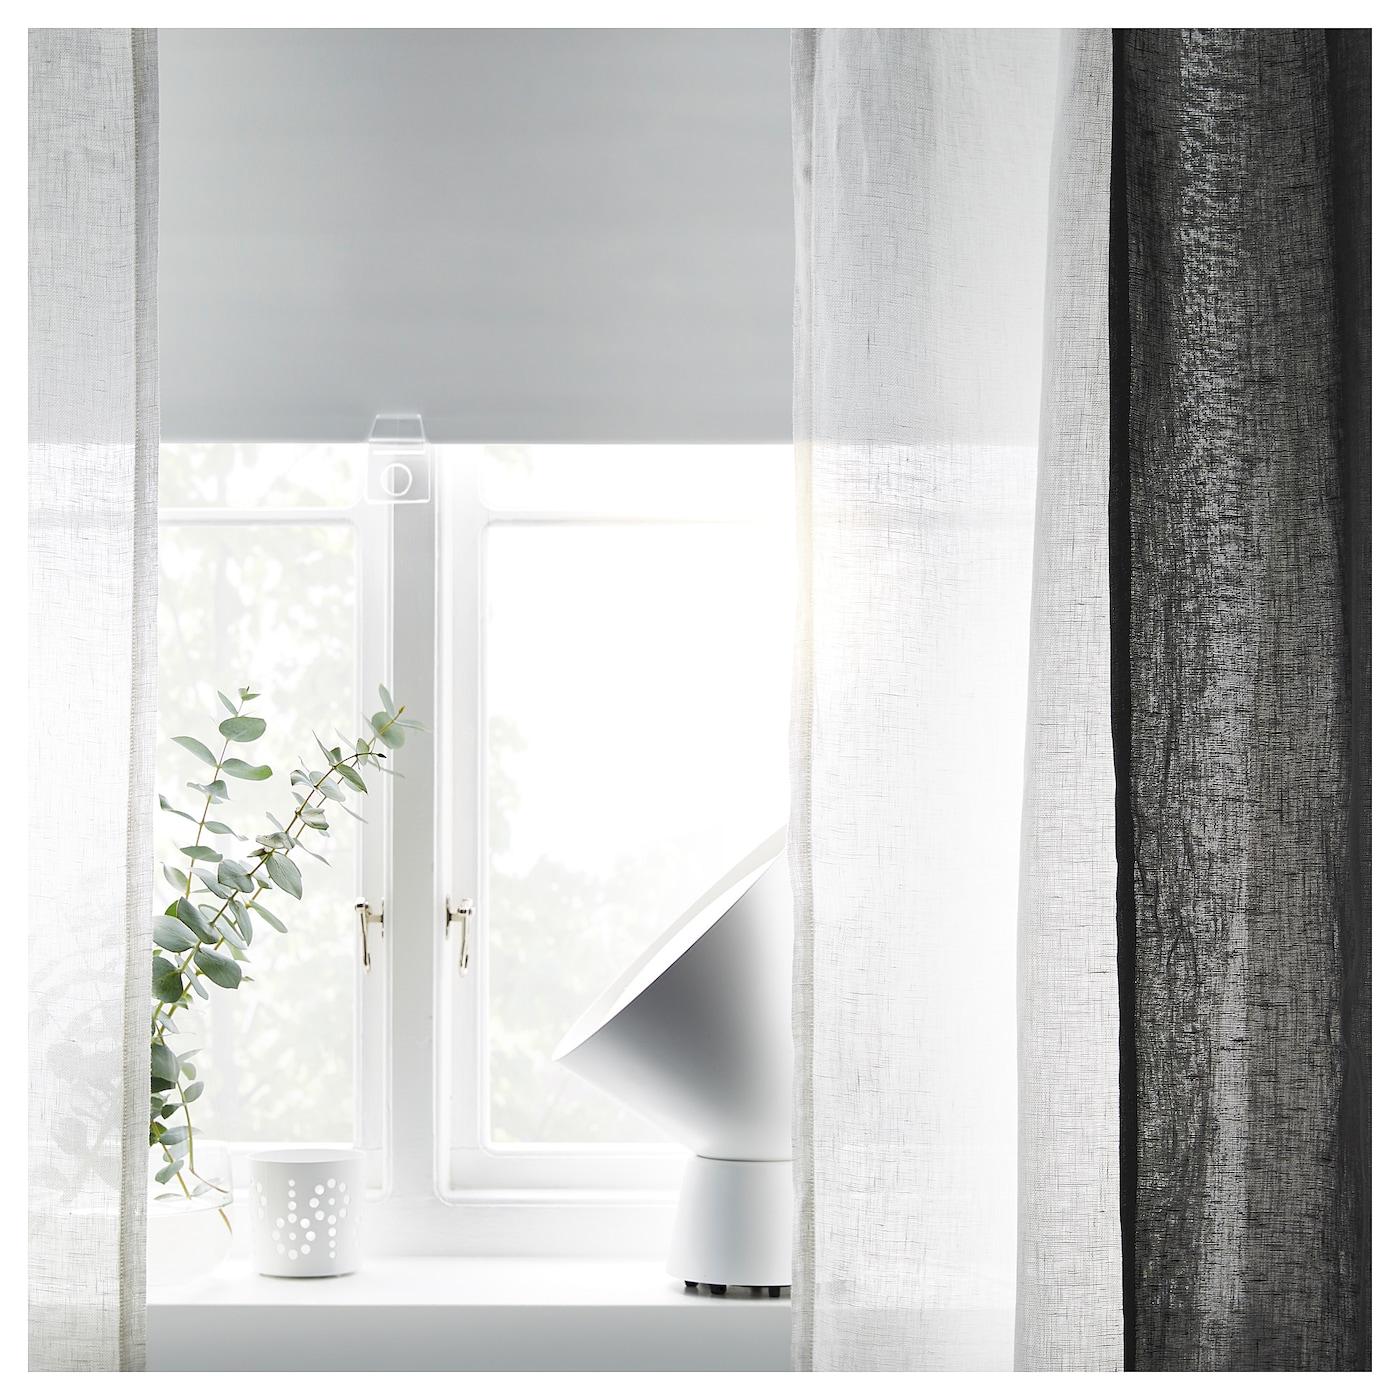 TUPPLUR Estor opaco Blanco 160 x 195 cm - IKEA on